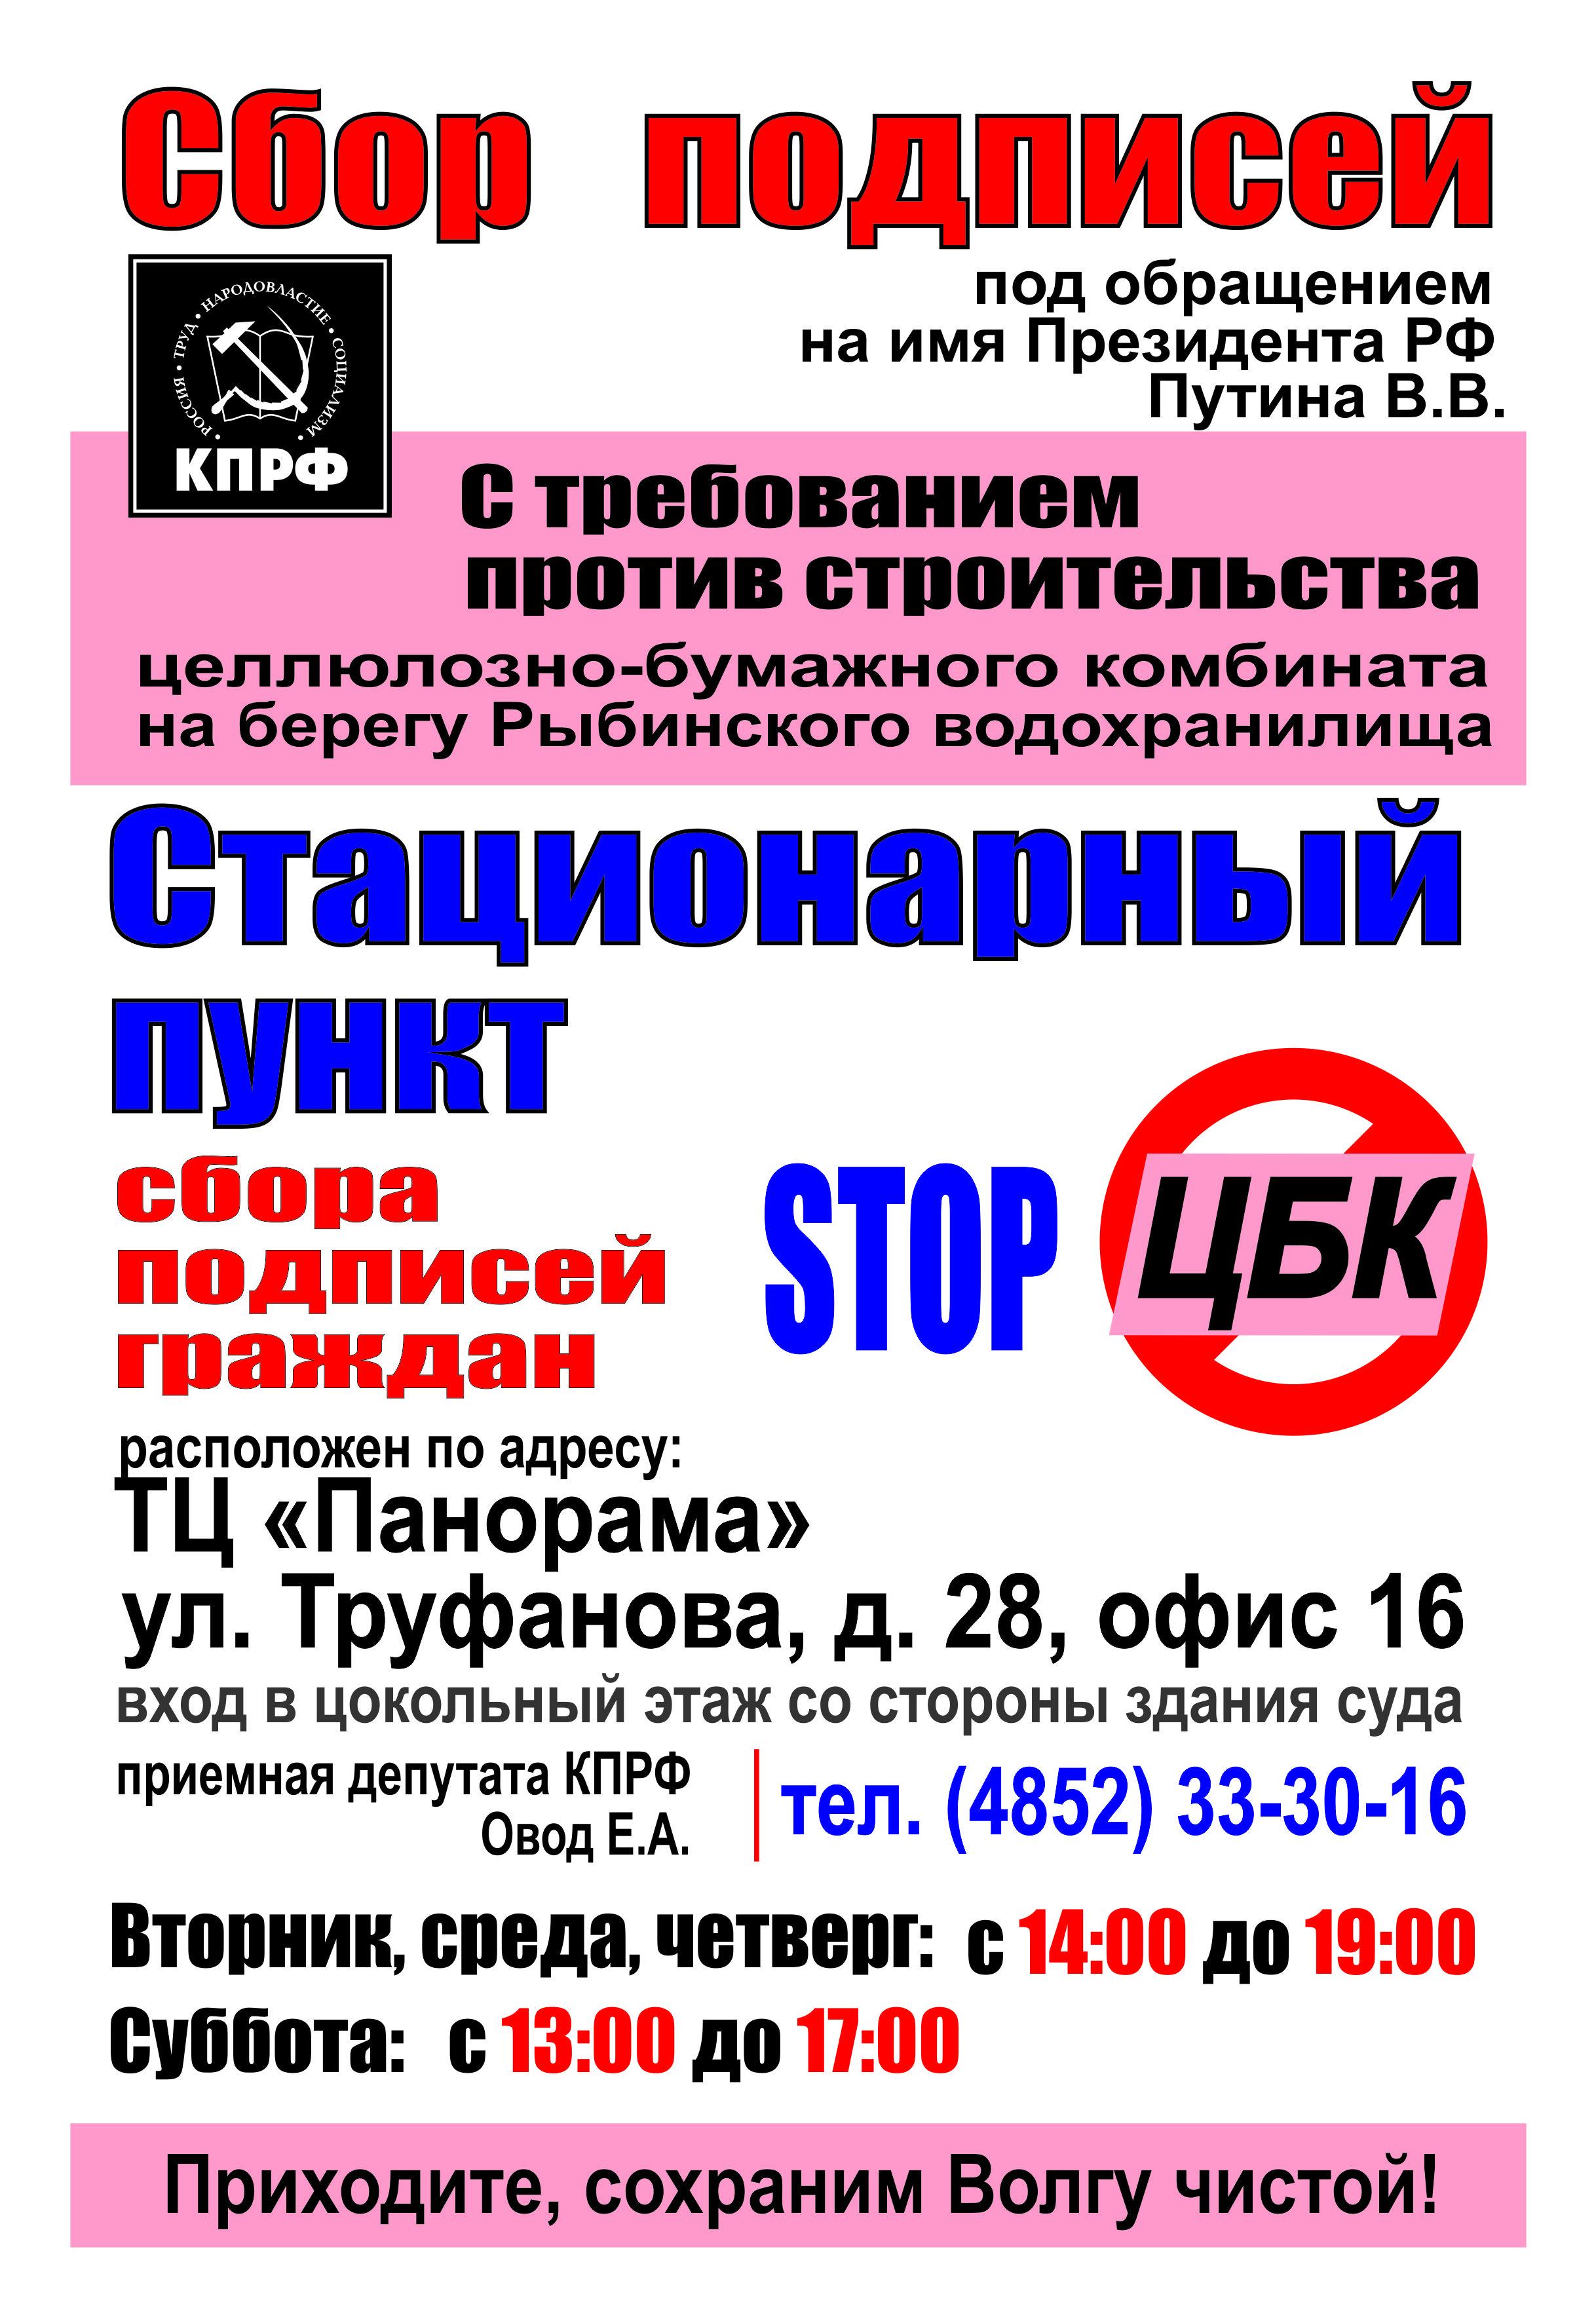 В Ярославле продолжается сбор подписей против строительства ЦБК